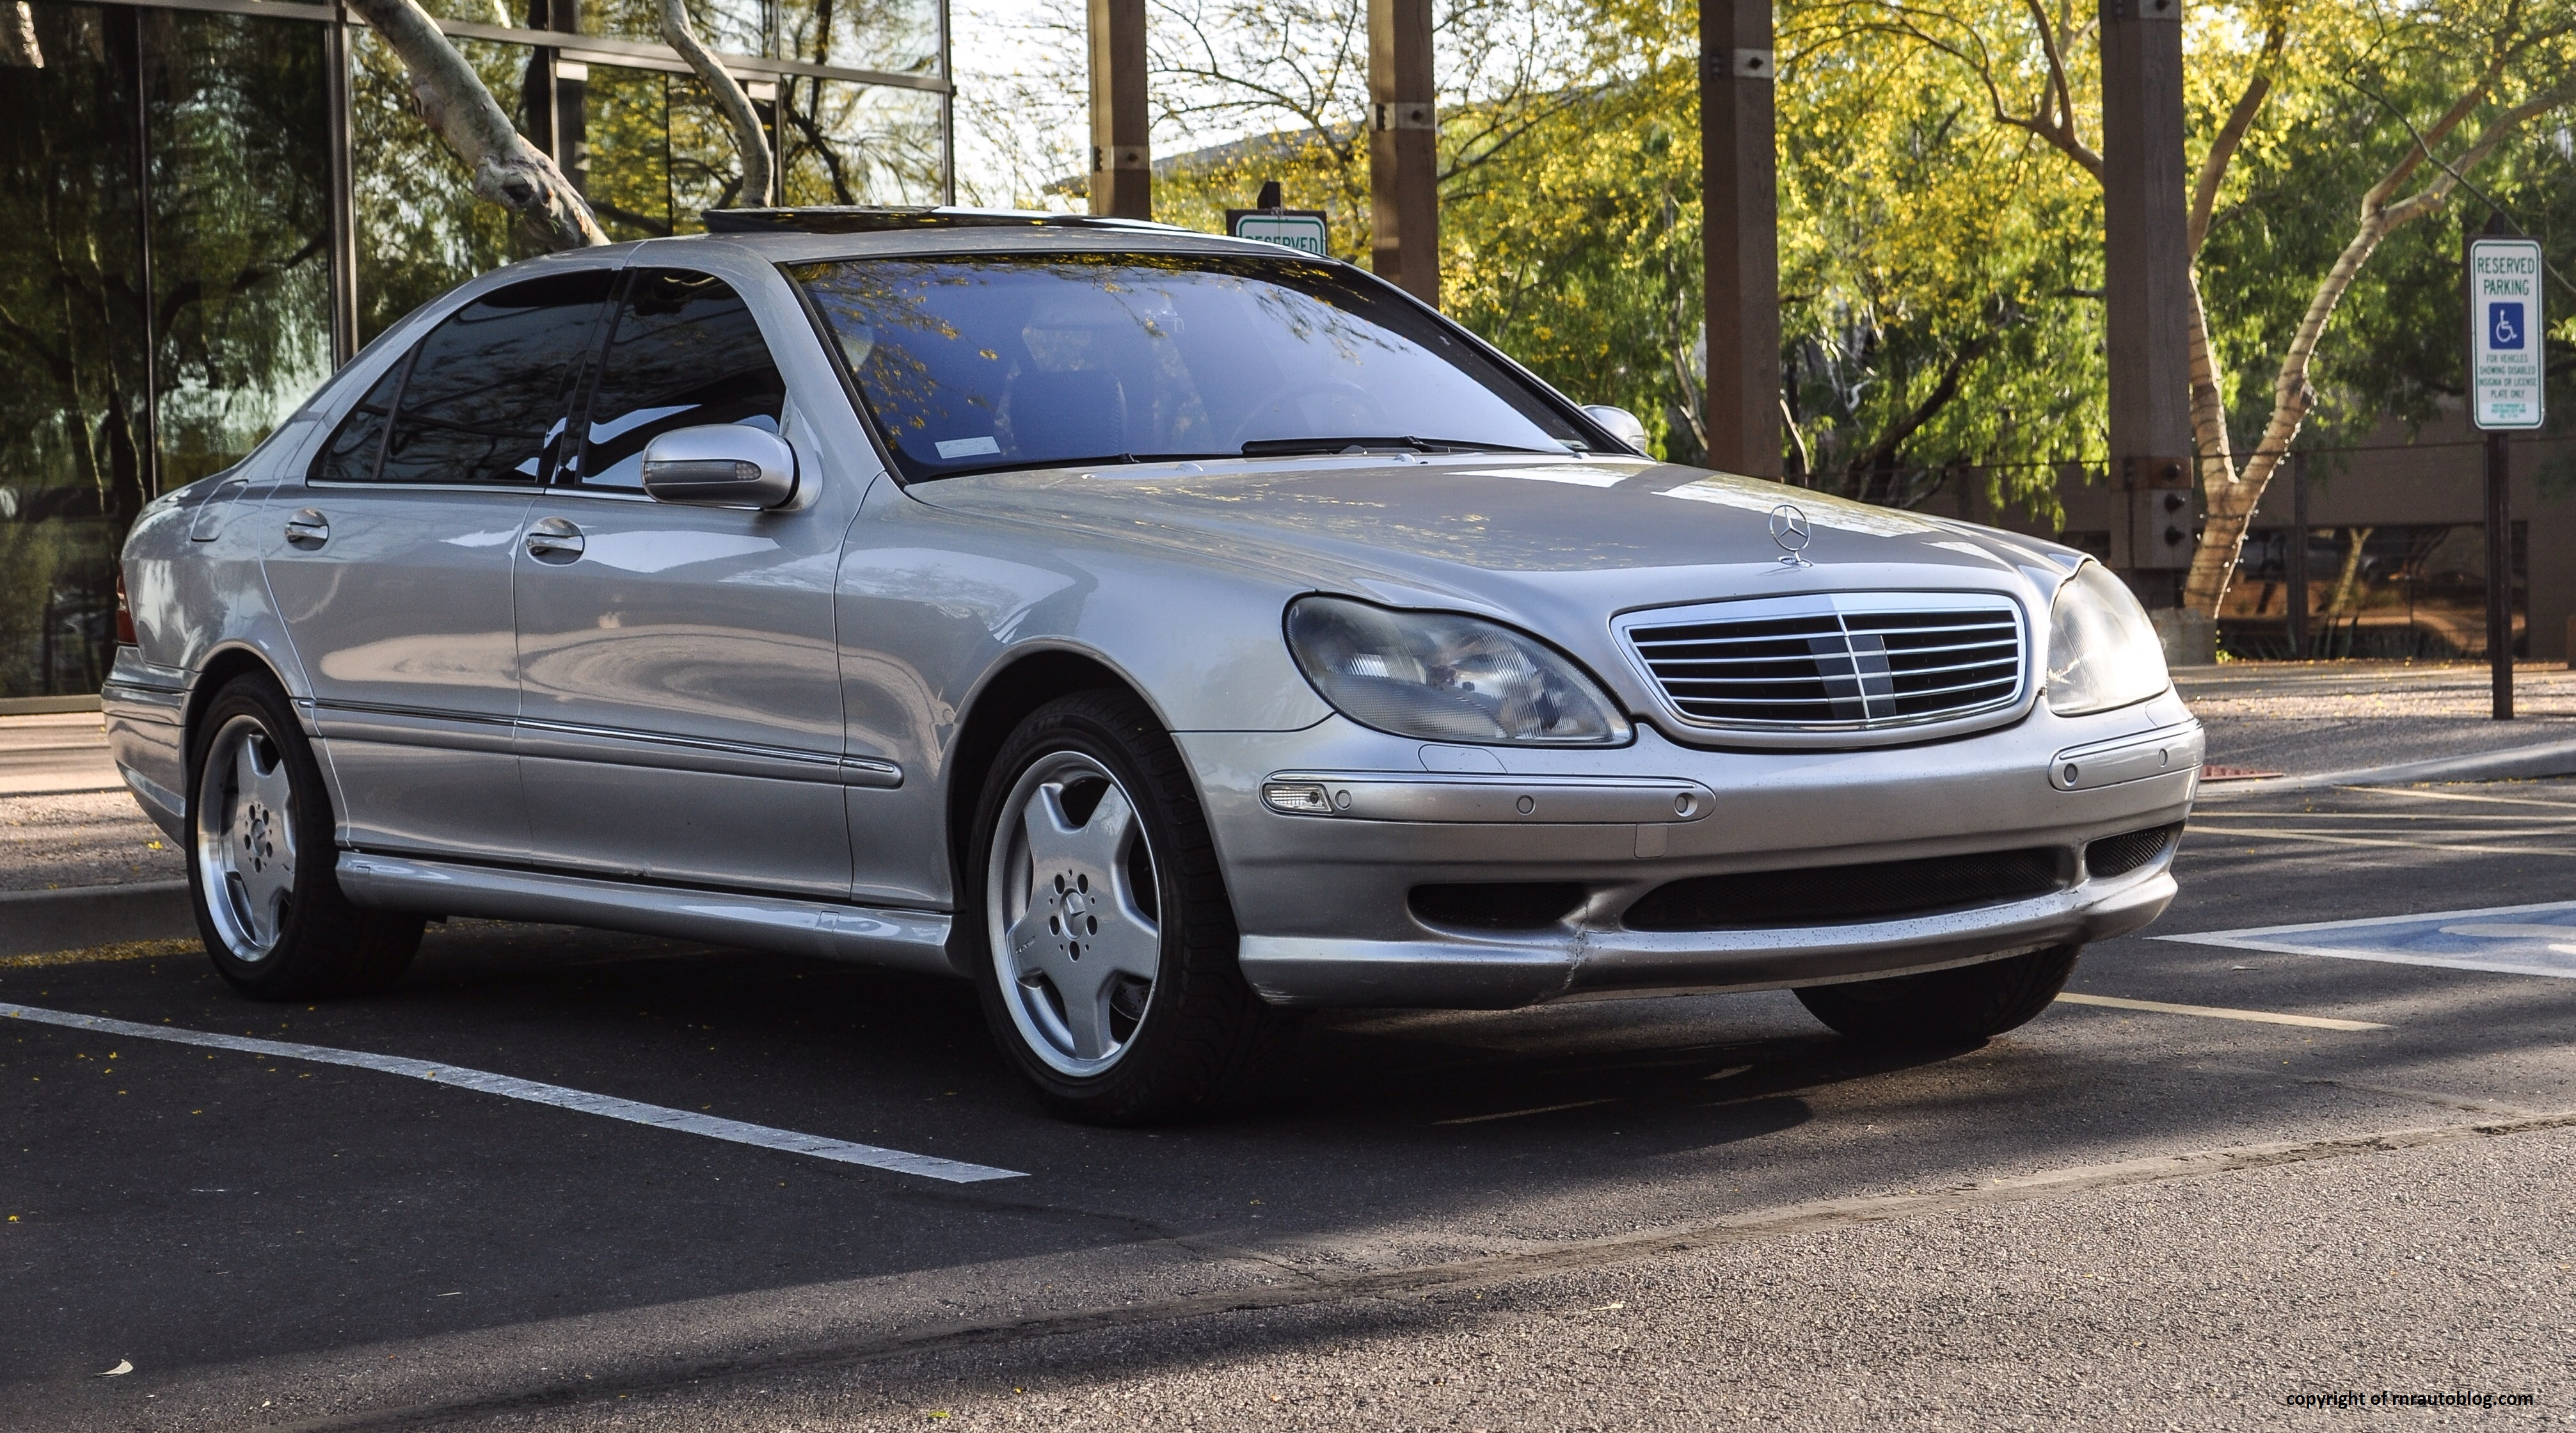 2001 mercedes benz s55 amg review rnr automotive blog s55 5 s55 3 publicscrutiny Images